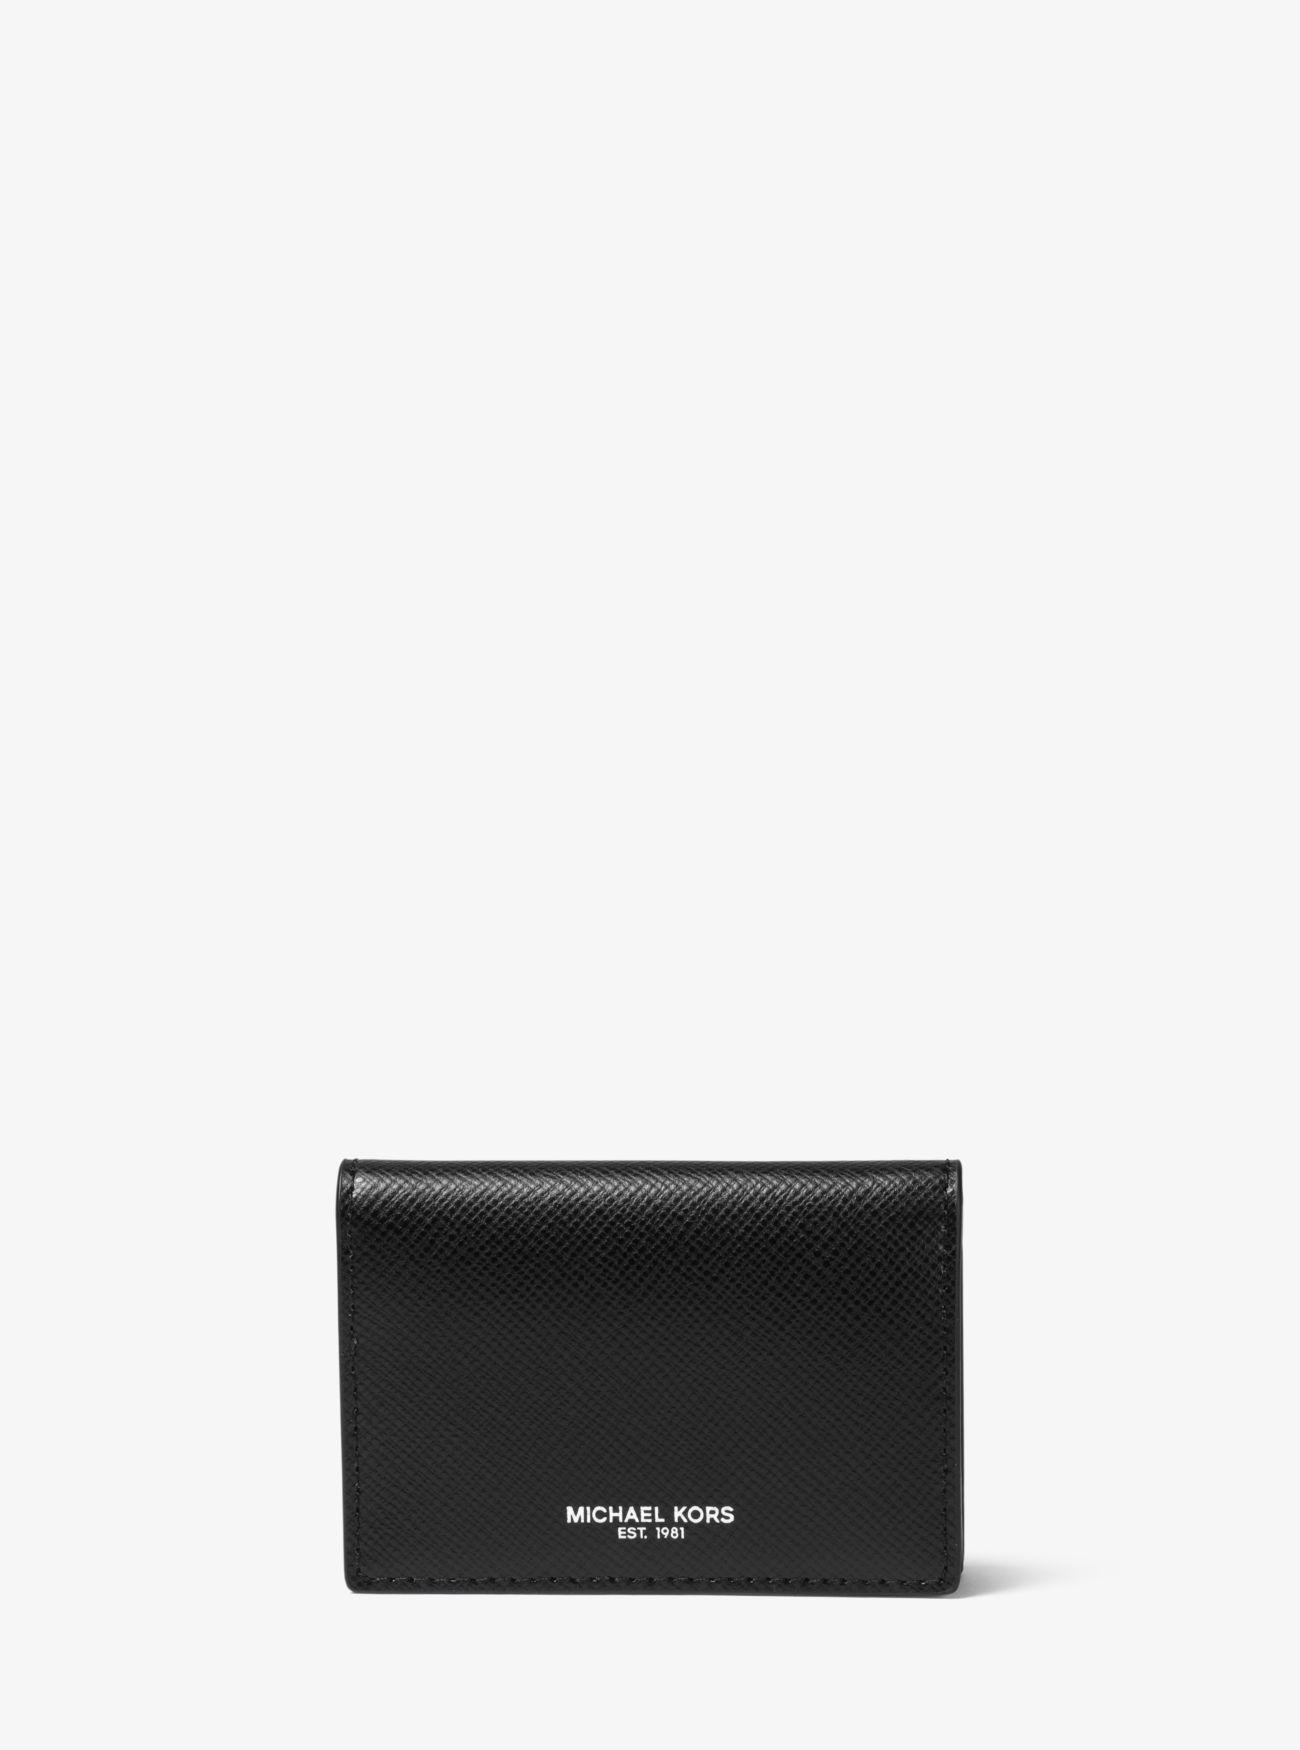 06f1e068d09b24 Lyst - Michael Kors Harrison Leather Card Holder in Black for Men